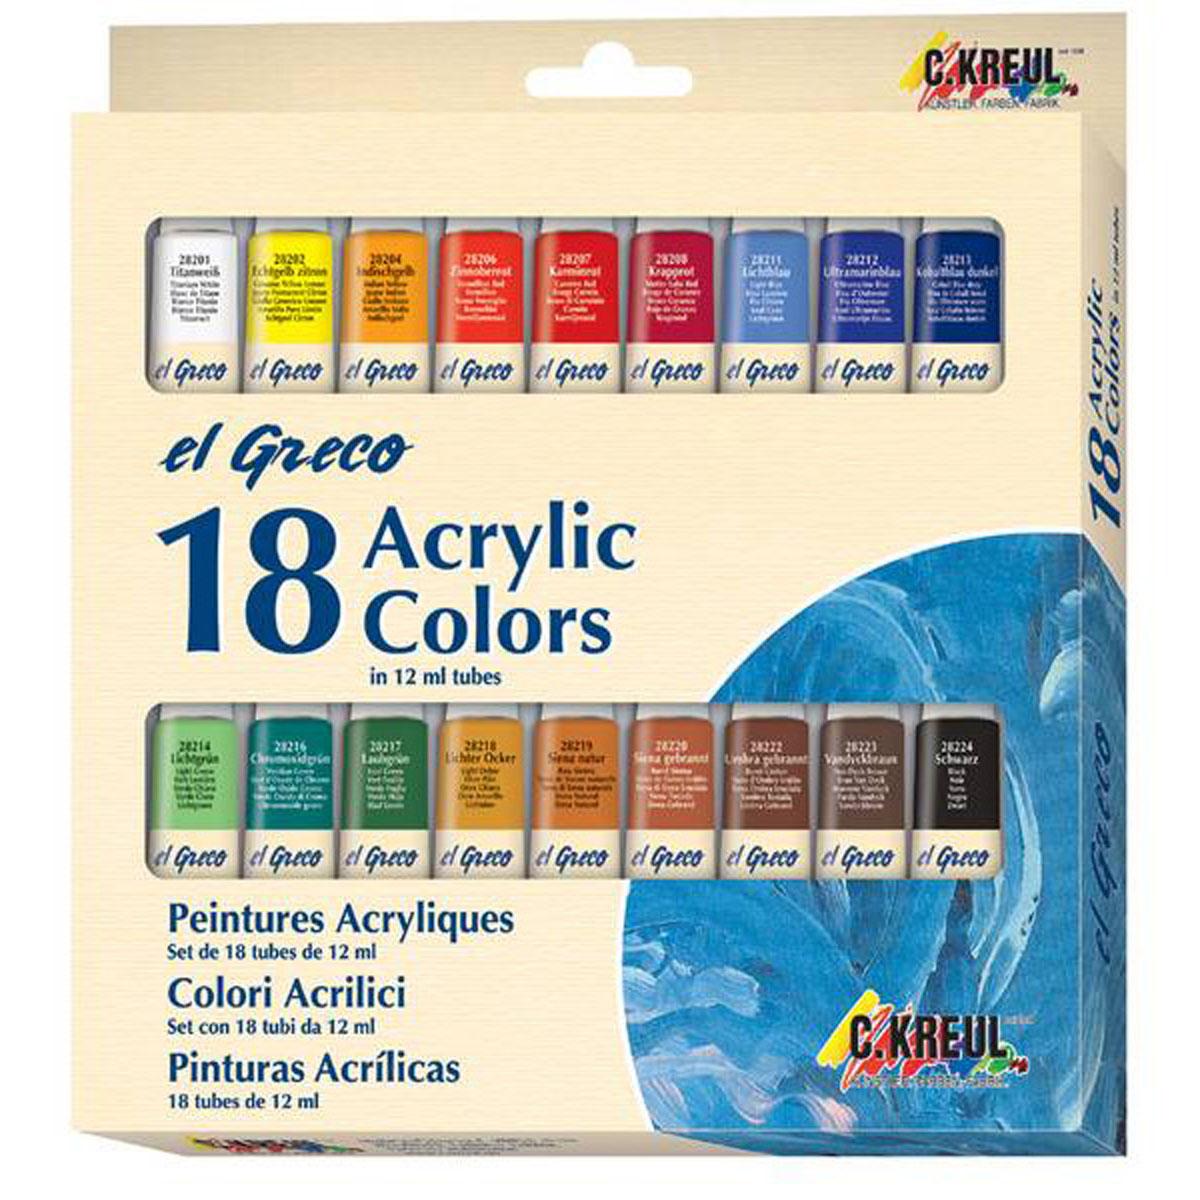 Краски акриловые Kreul El Greco, 18 цветовKR-28251Набор художественных акриловых красок для учащихся и профессионалов. На водной основе для таких поверхностей, как холст, картон, бумага, камень, металл, кожа и многих других. Краски быстро сохнут, создавая при этом глянцевую поверхность, разбавляются водой, хорошо смешиваются друг с другом. Краски обладают яркими, светостойкими и укрывистыми цветами, могут быть как покрывными, так и прозрачными, наносятся кистью или мастихином, после высыхания поверхность становится водостойкой и эластичной. Состав: 18 акриловых красок в алюминиевых тубах по 12 мл